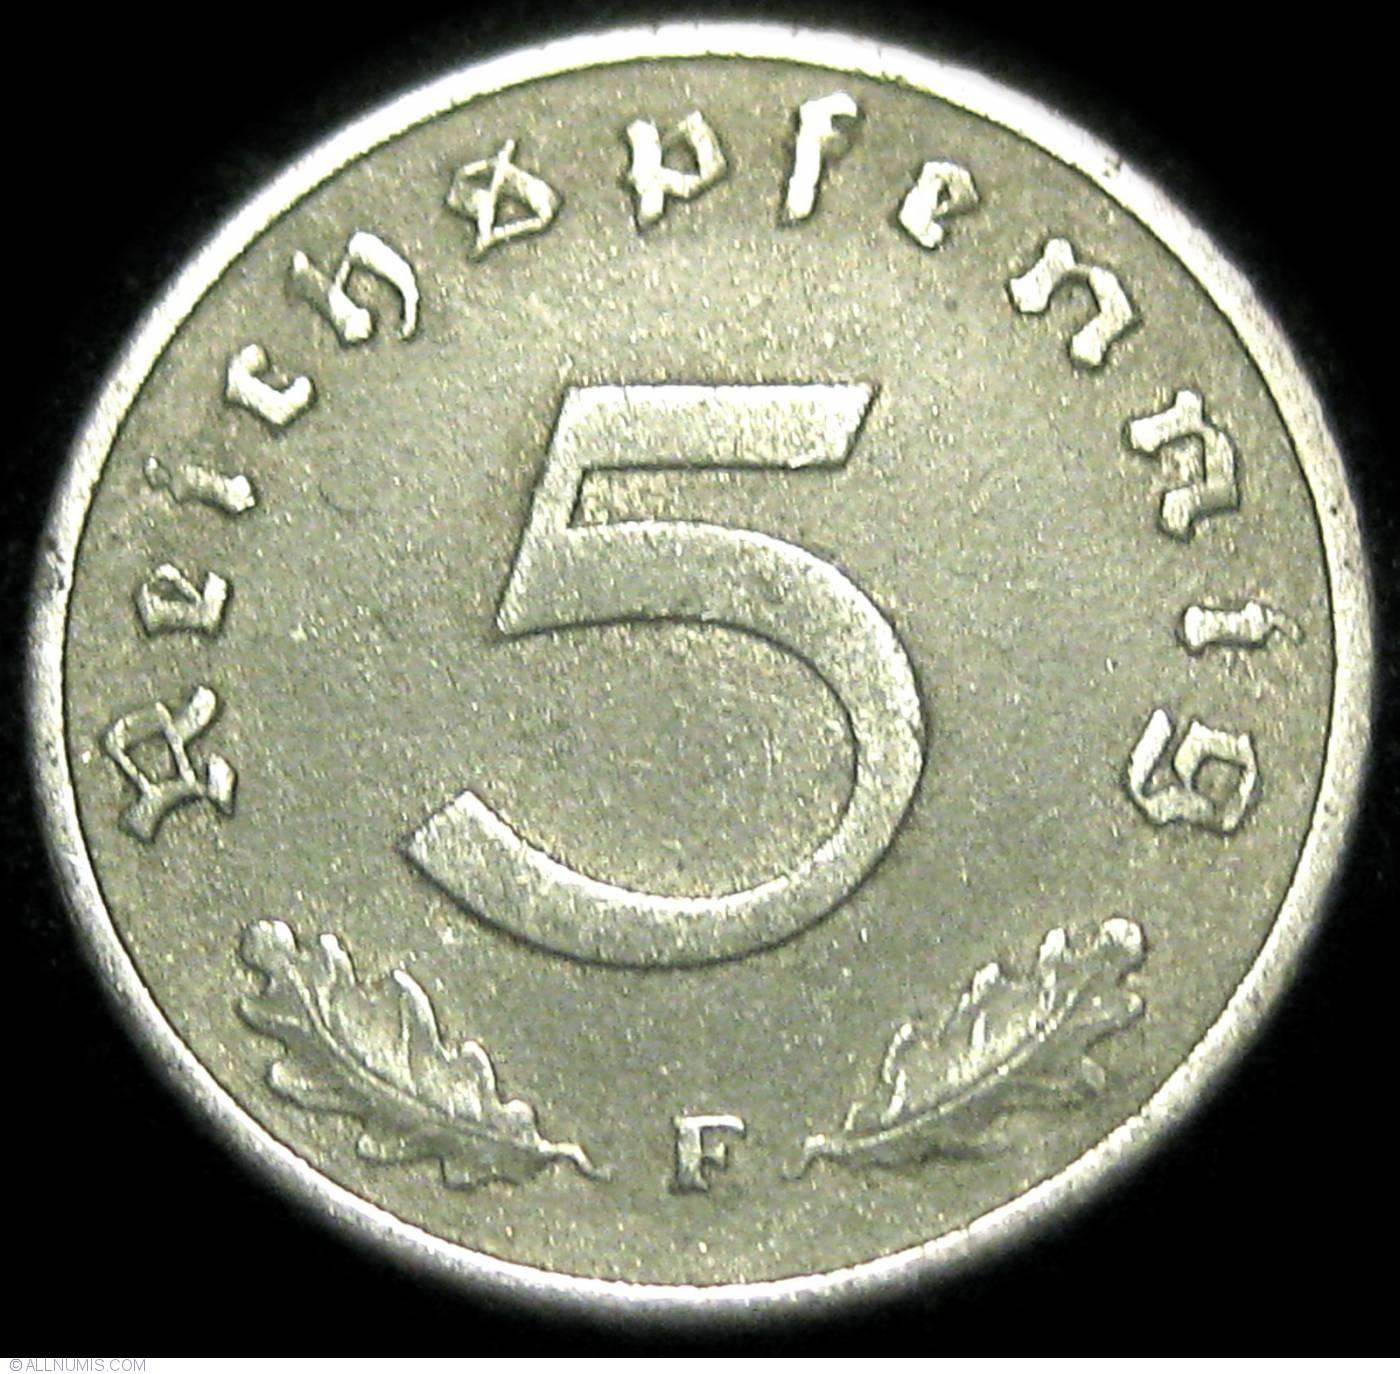 5 Reichspfennig 1941 F, Third Reich (1933-1945) - Germany